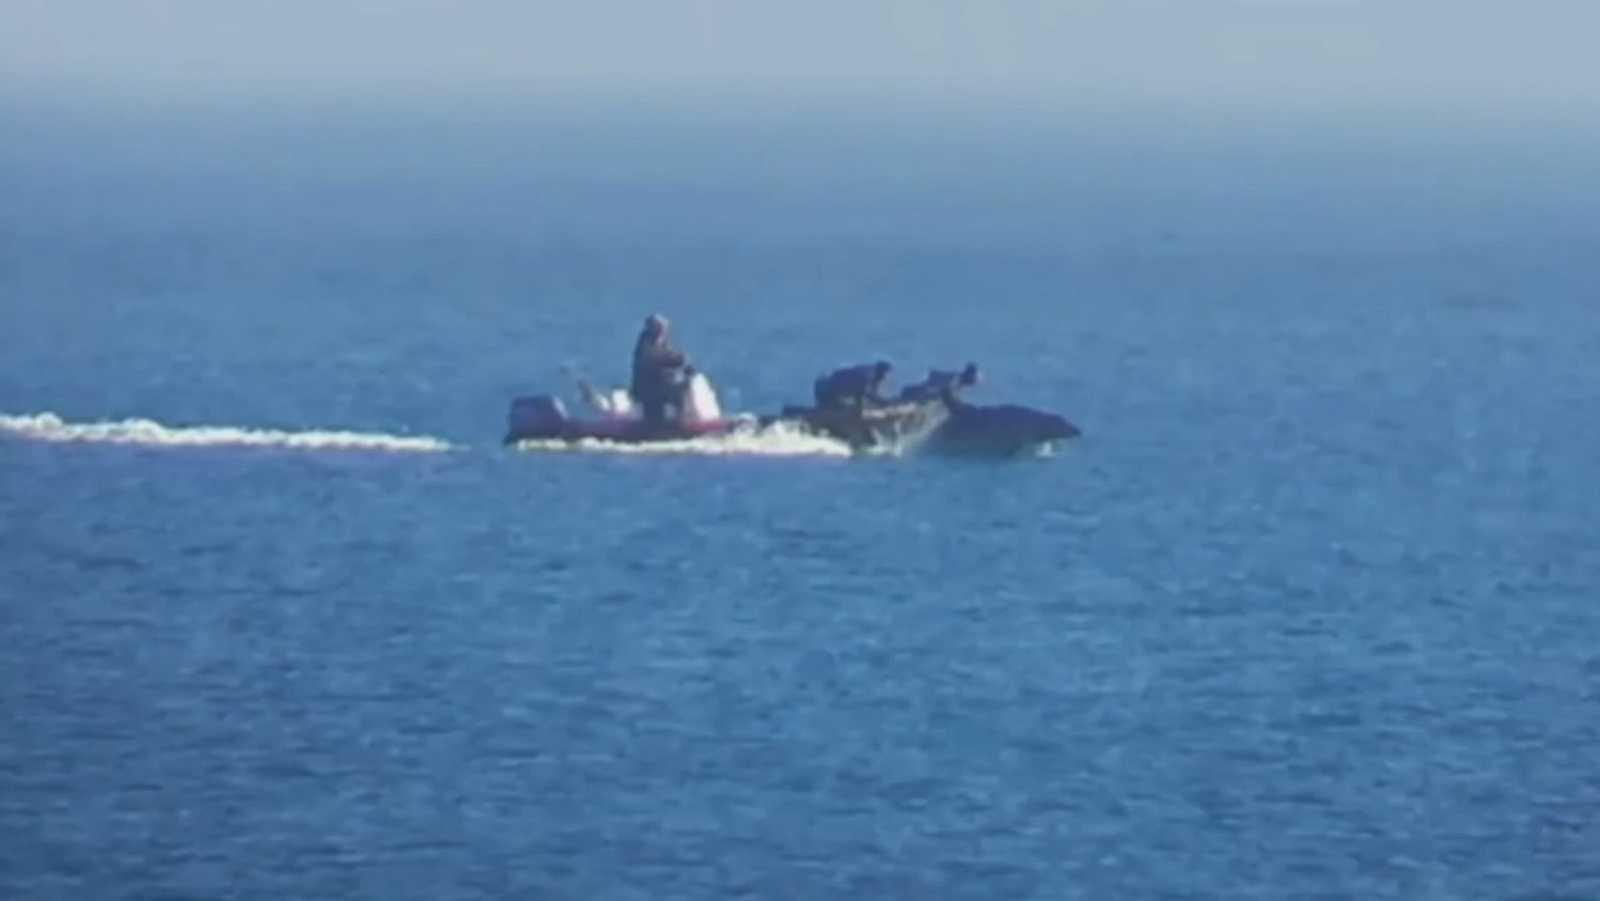 Pantallazo del vídeo en el que se puede ver la persecución a los delfines.